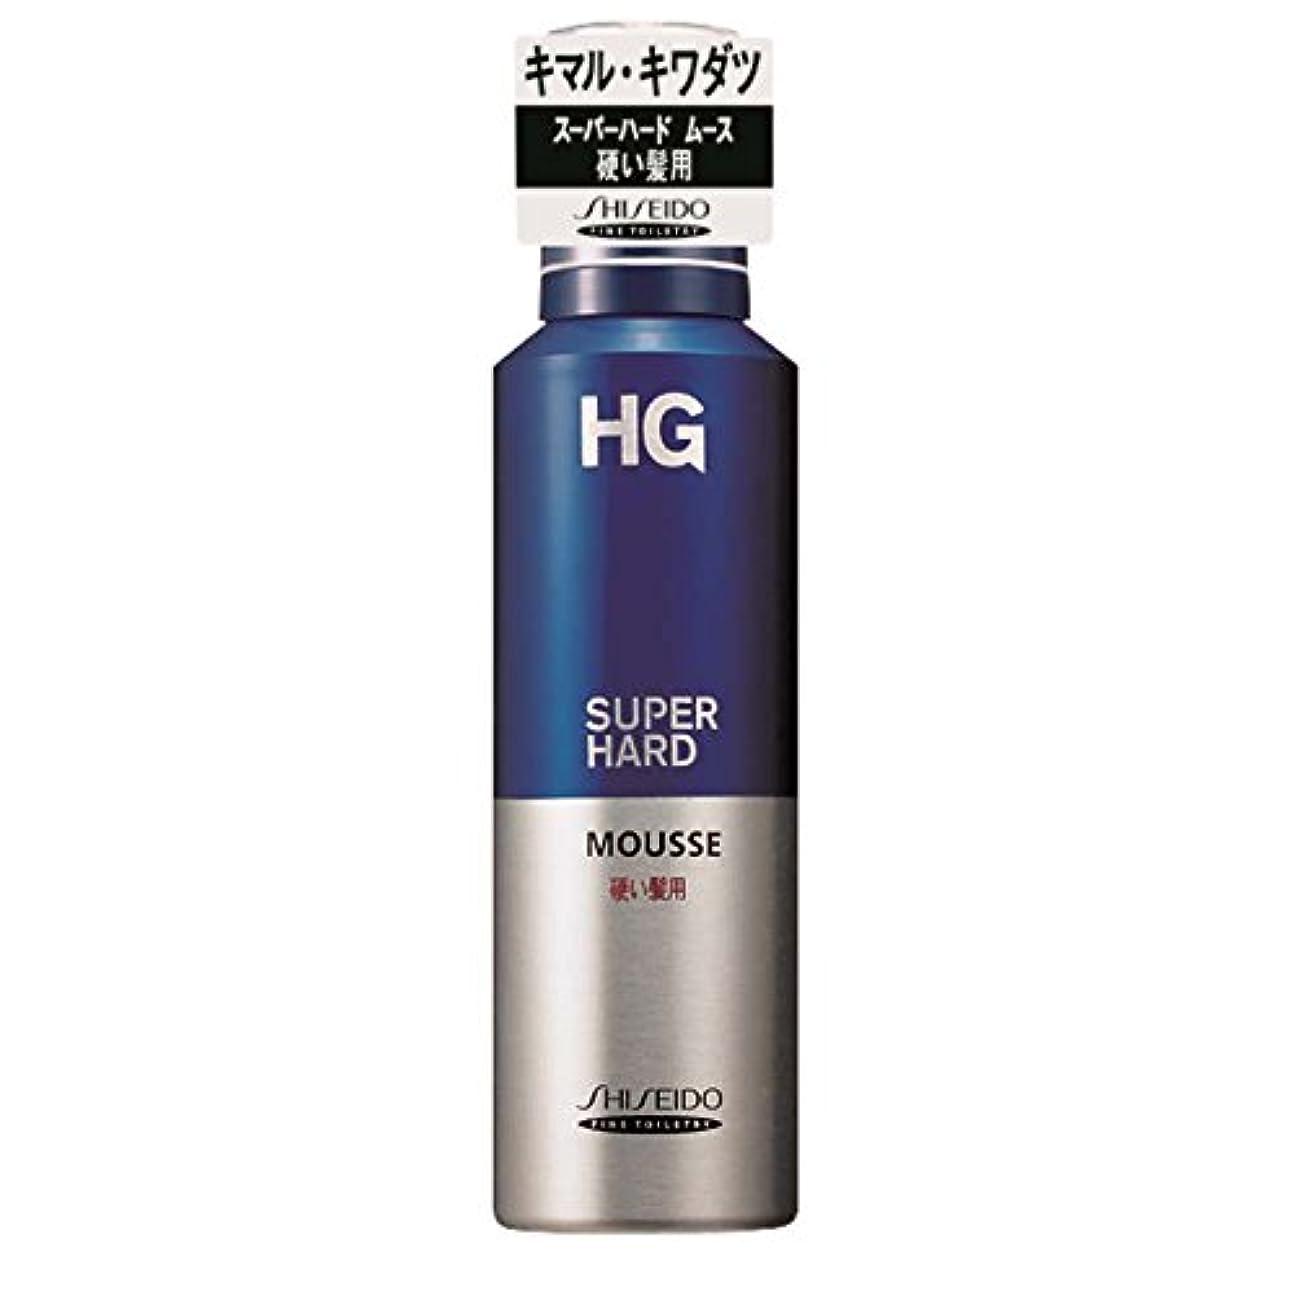 セラフ祝う金曜日HG スーパーハード ムース 硬い髪用 180g